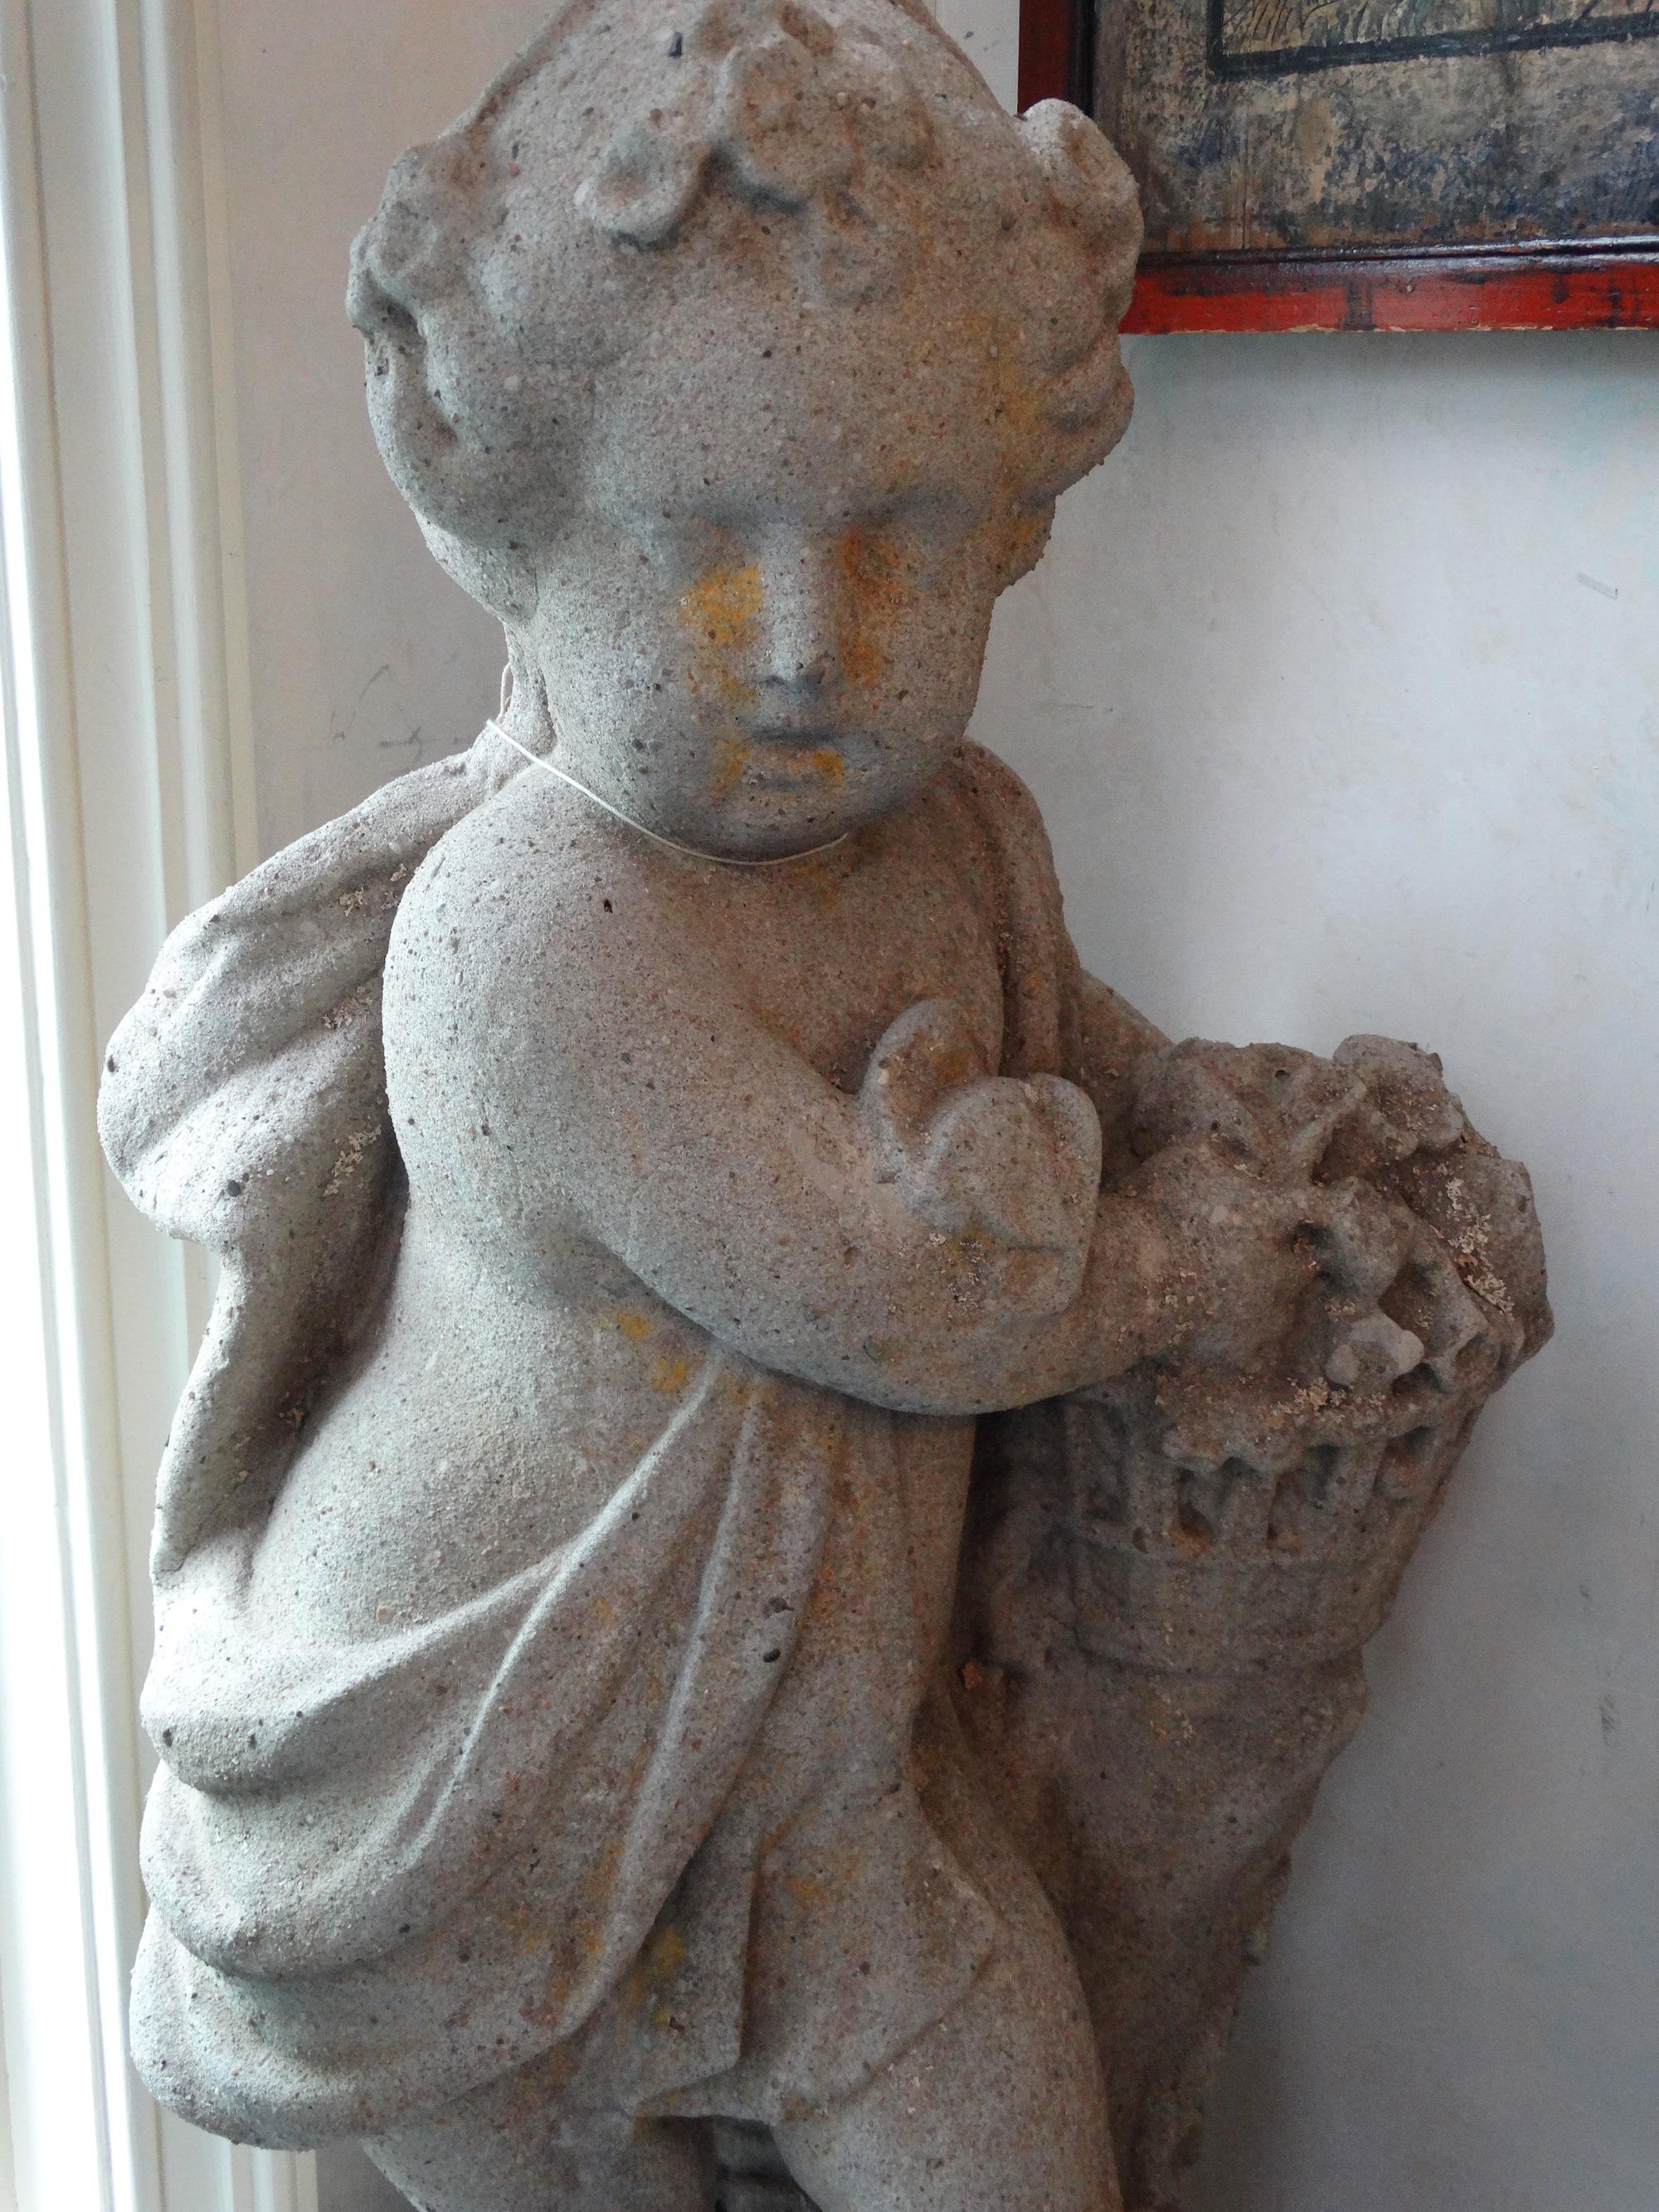 Bronzen Engelen Beelden.Emmakade Antiek Beelden Emmakade Antiek